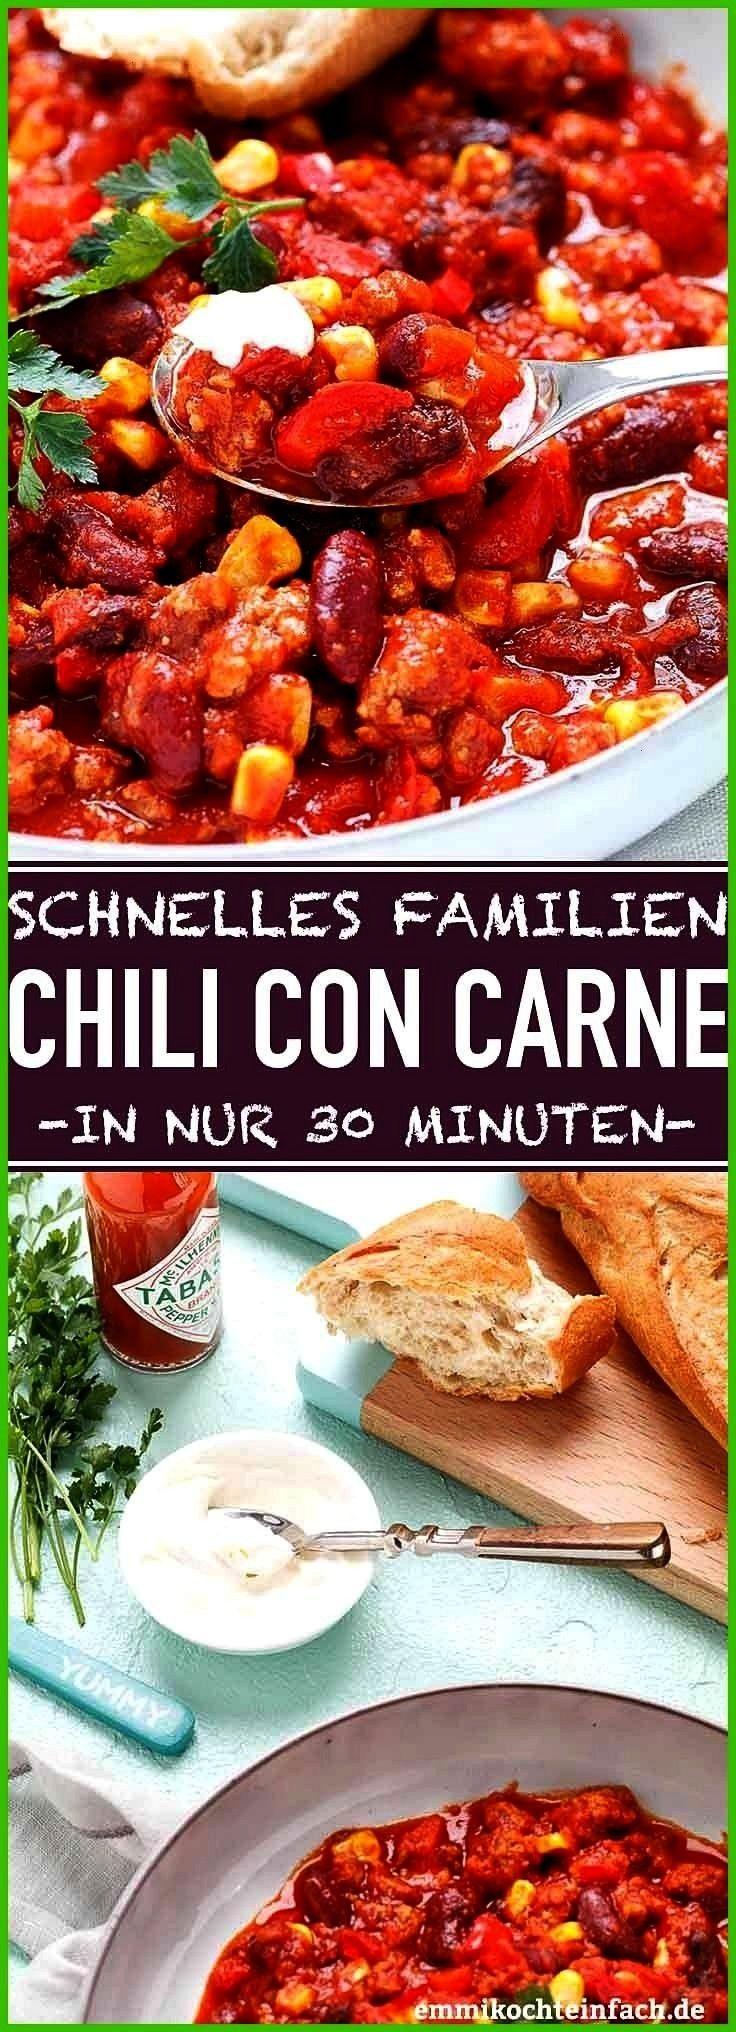 con Carne – ideal für Familien Rezepte RezepteSchnelles Chili con Carne – ideal für Familien